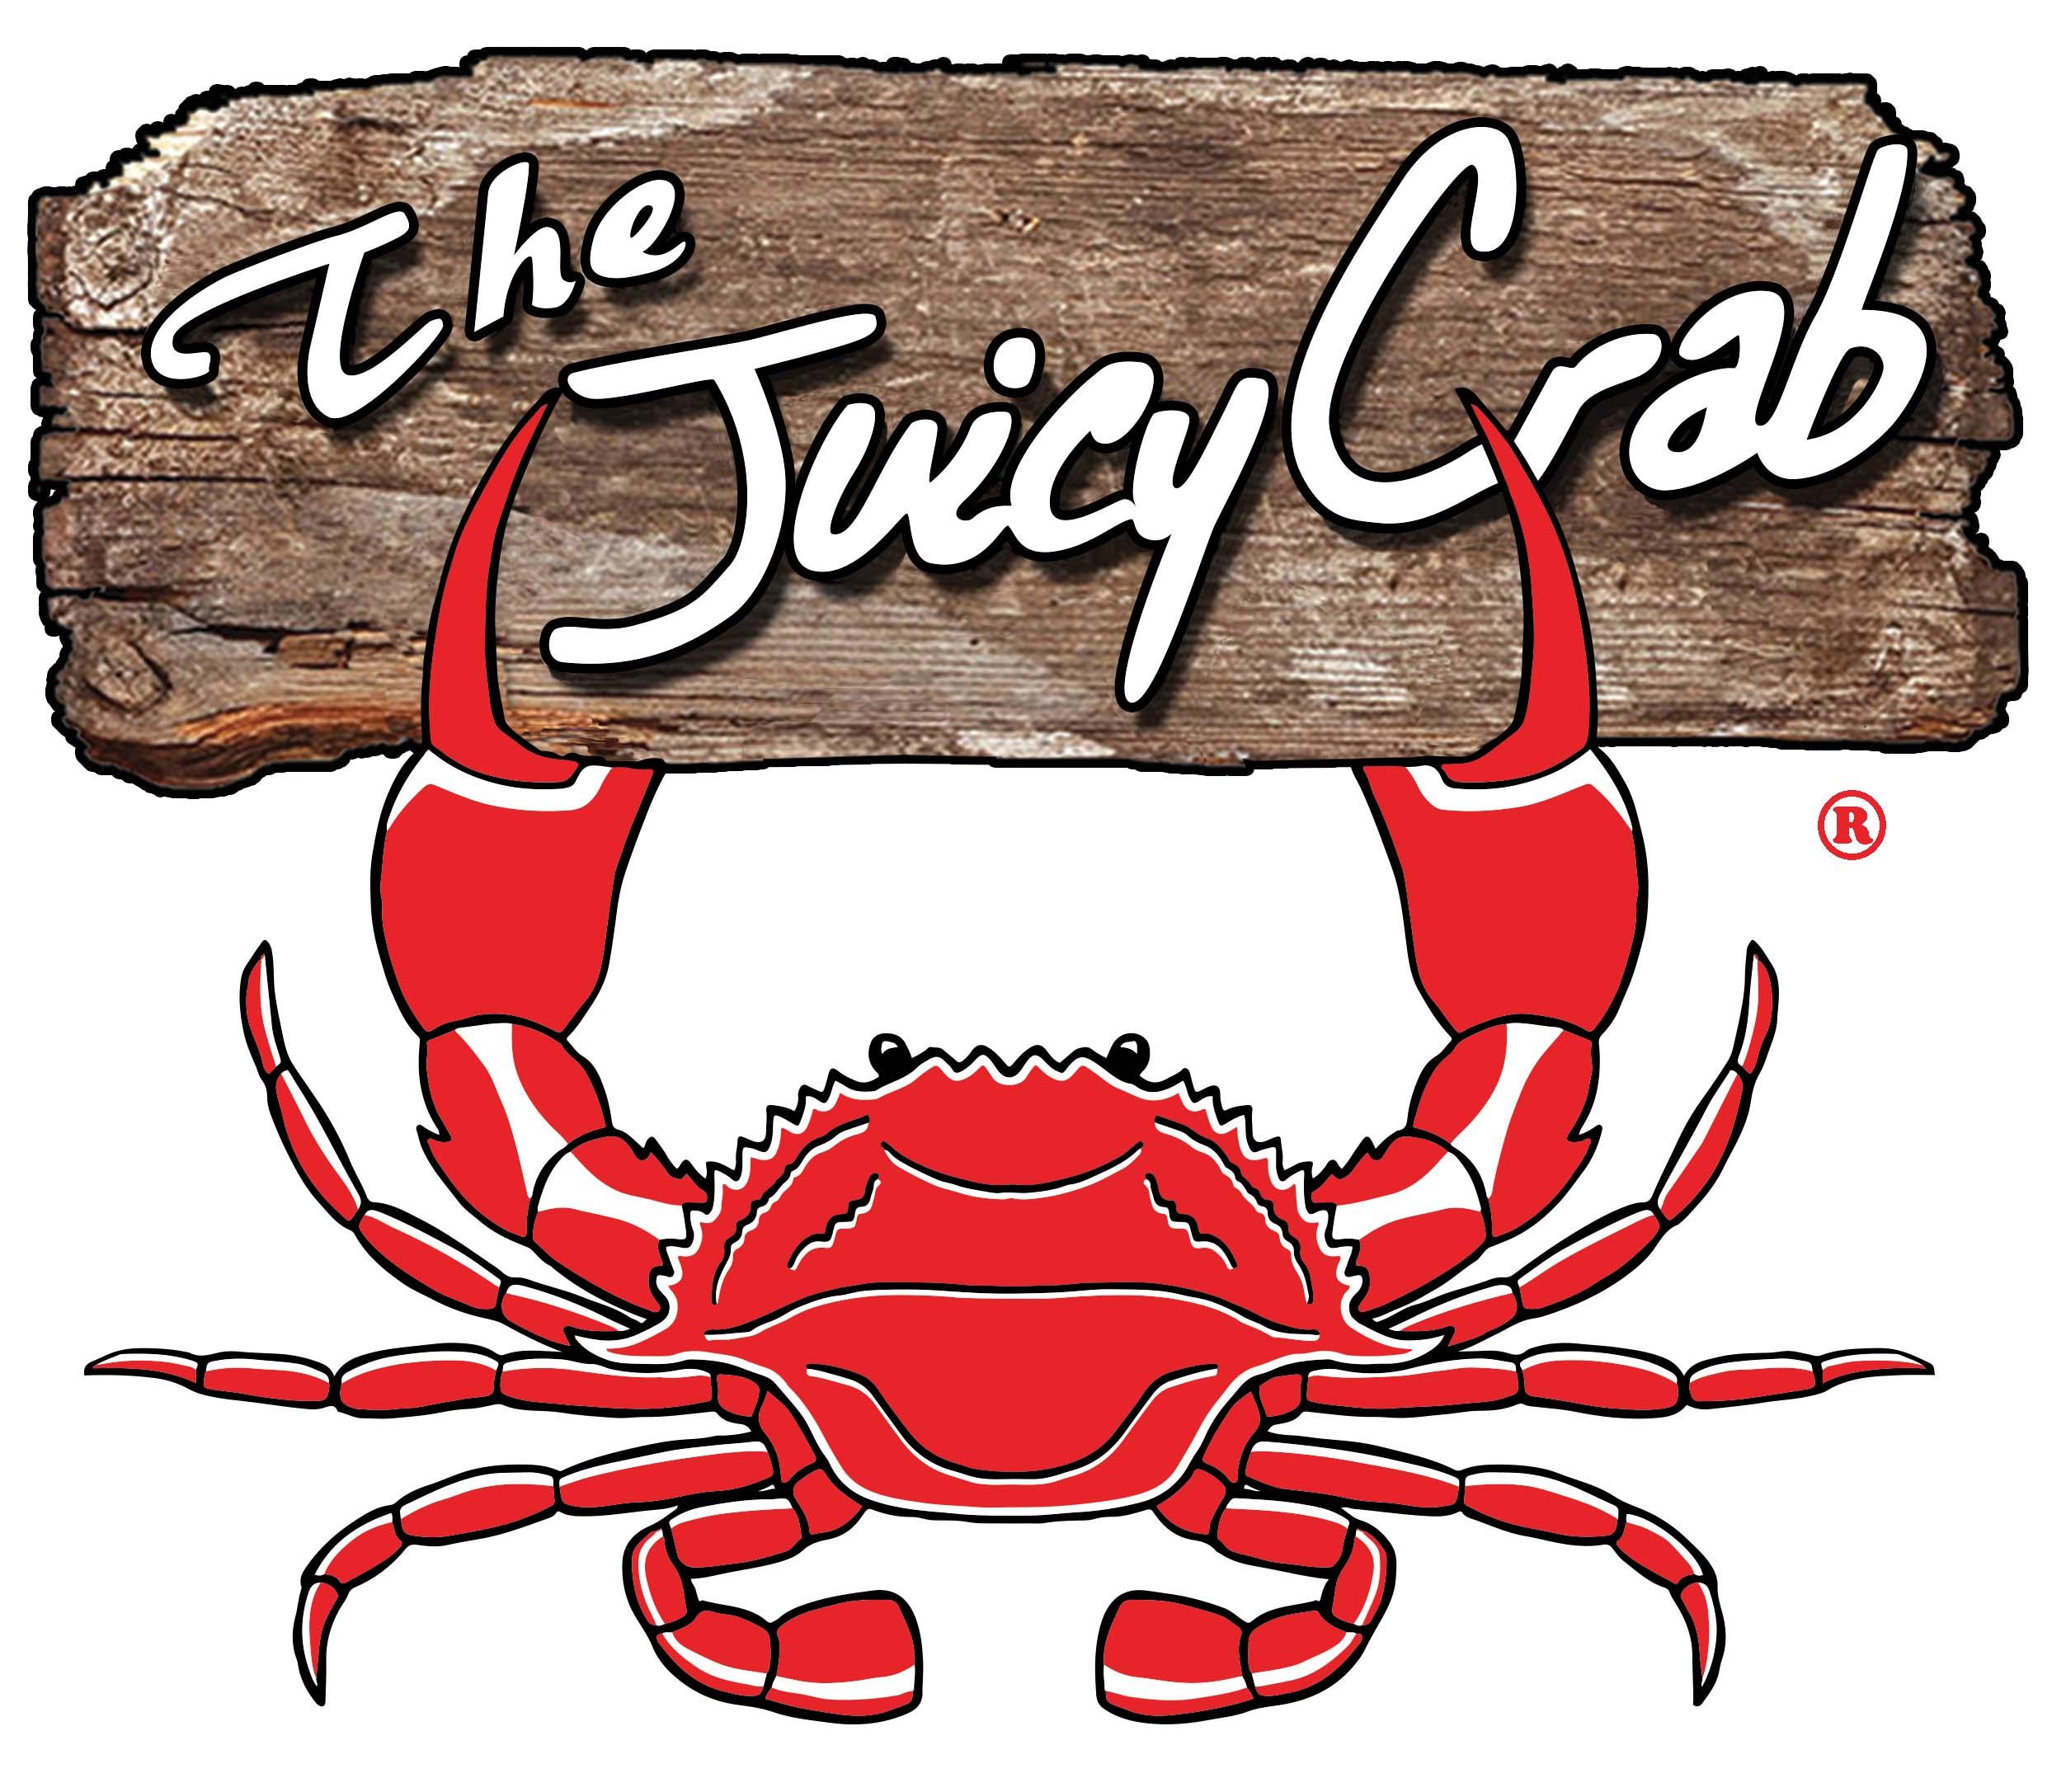 The Juicy Crab Logo